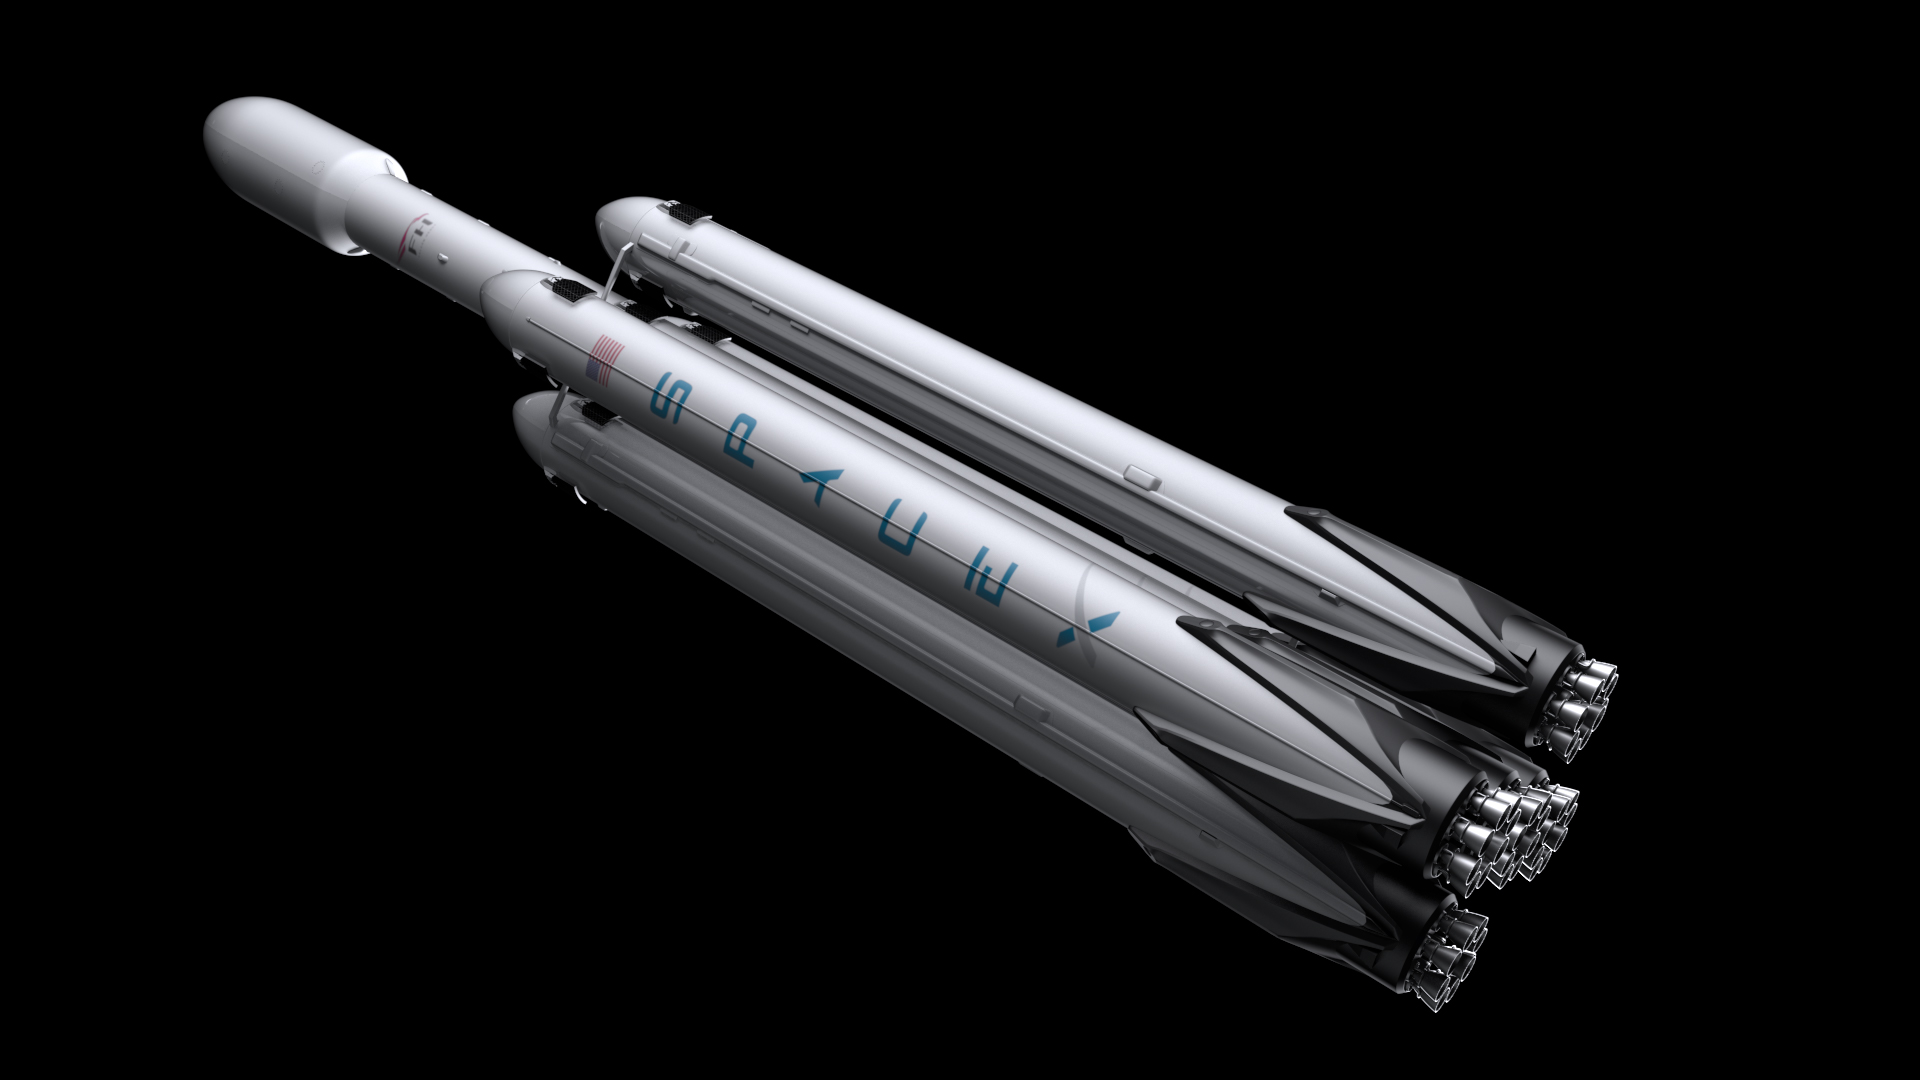 falcon super heavy v1.2 3d model max fbx c4d lwo ma mb hrc xsi obj 277921